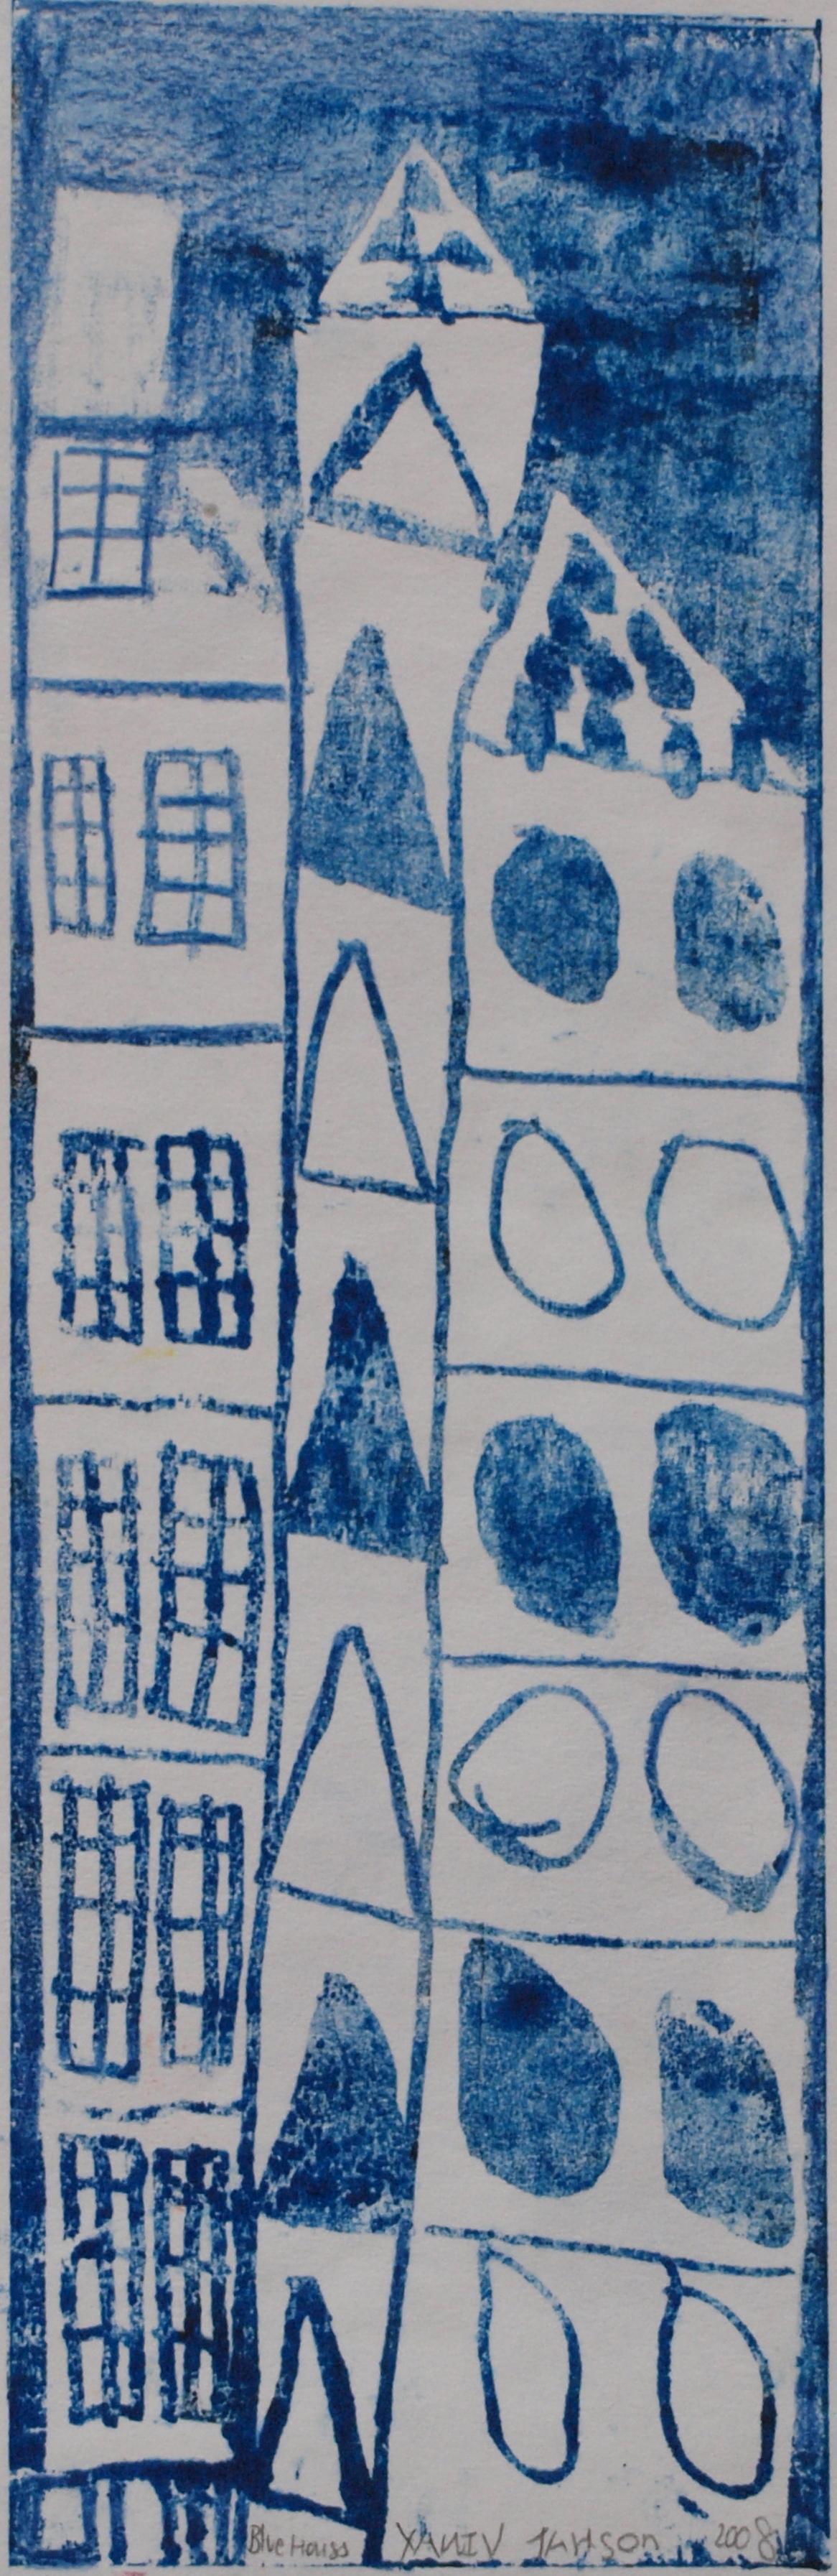 BLUE HOUSES, MONOPRINT, 12 X 38CM